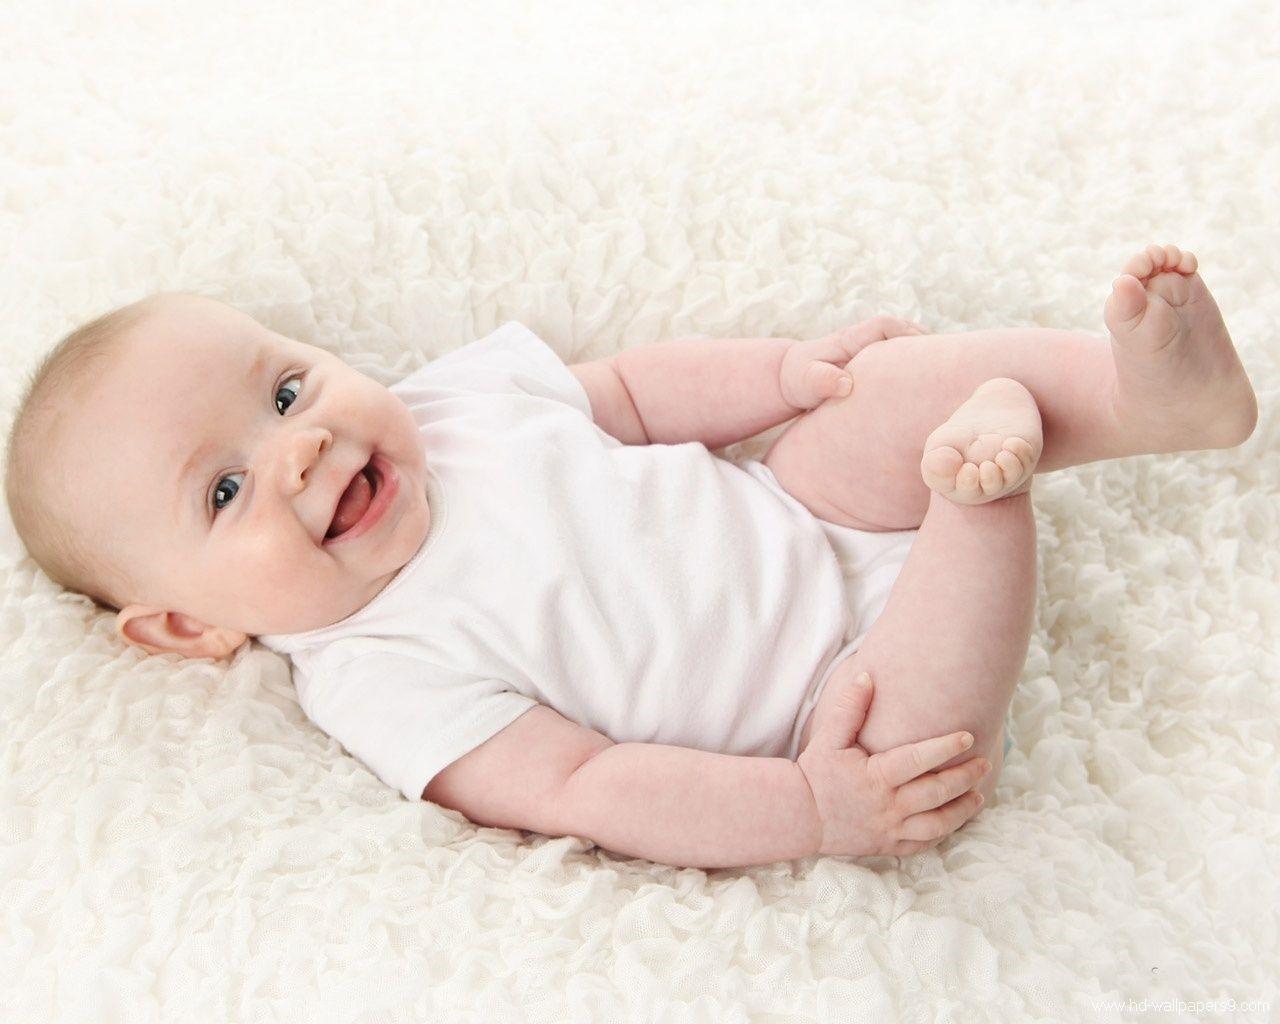 En Tatlı Bebek Resimleri